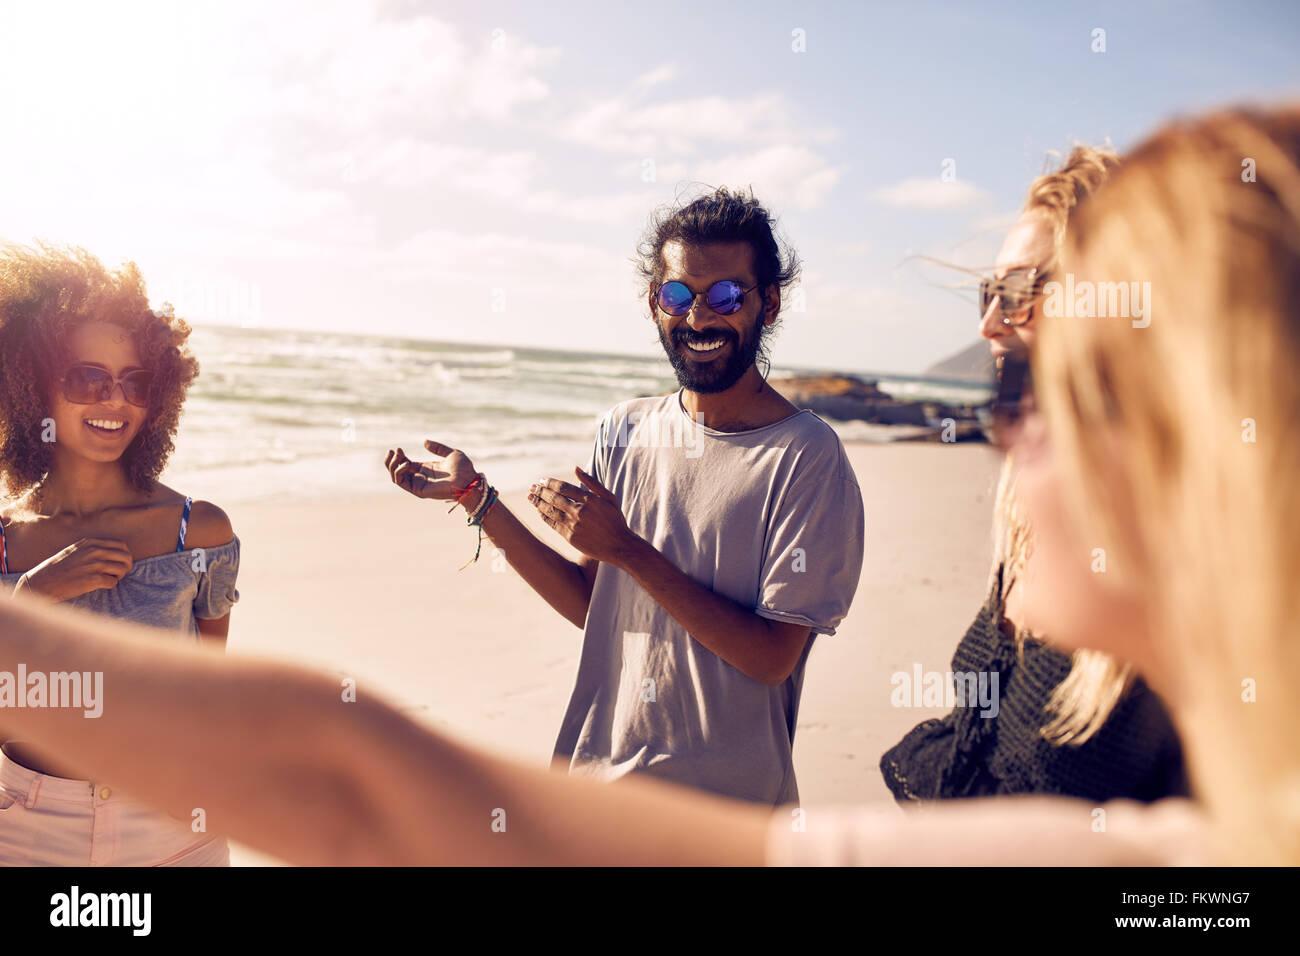 Diversi gruppi di giovani in piedi insieme e parlare. Amici divertendosi in una giornata di sole in spiaggia. Immagini Stock